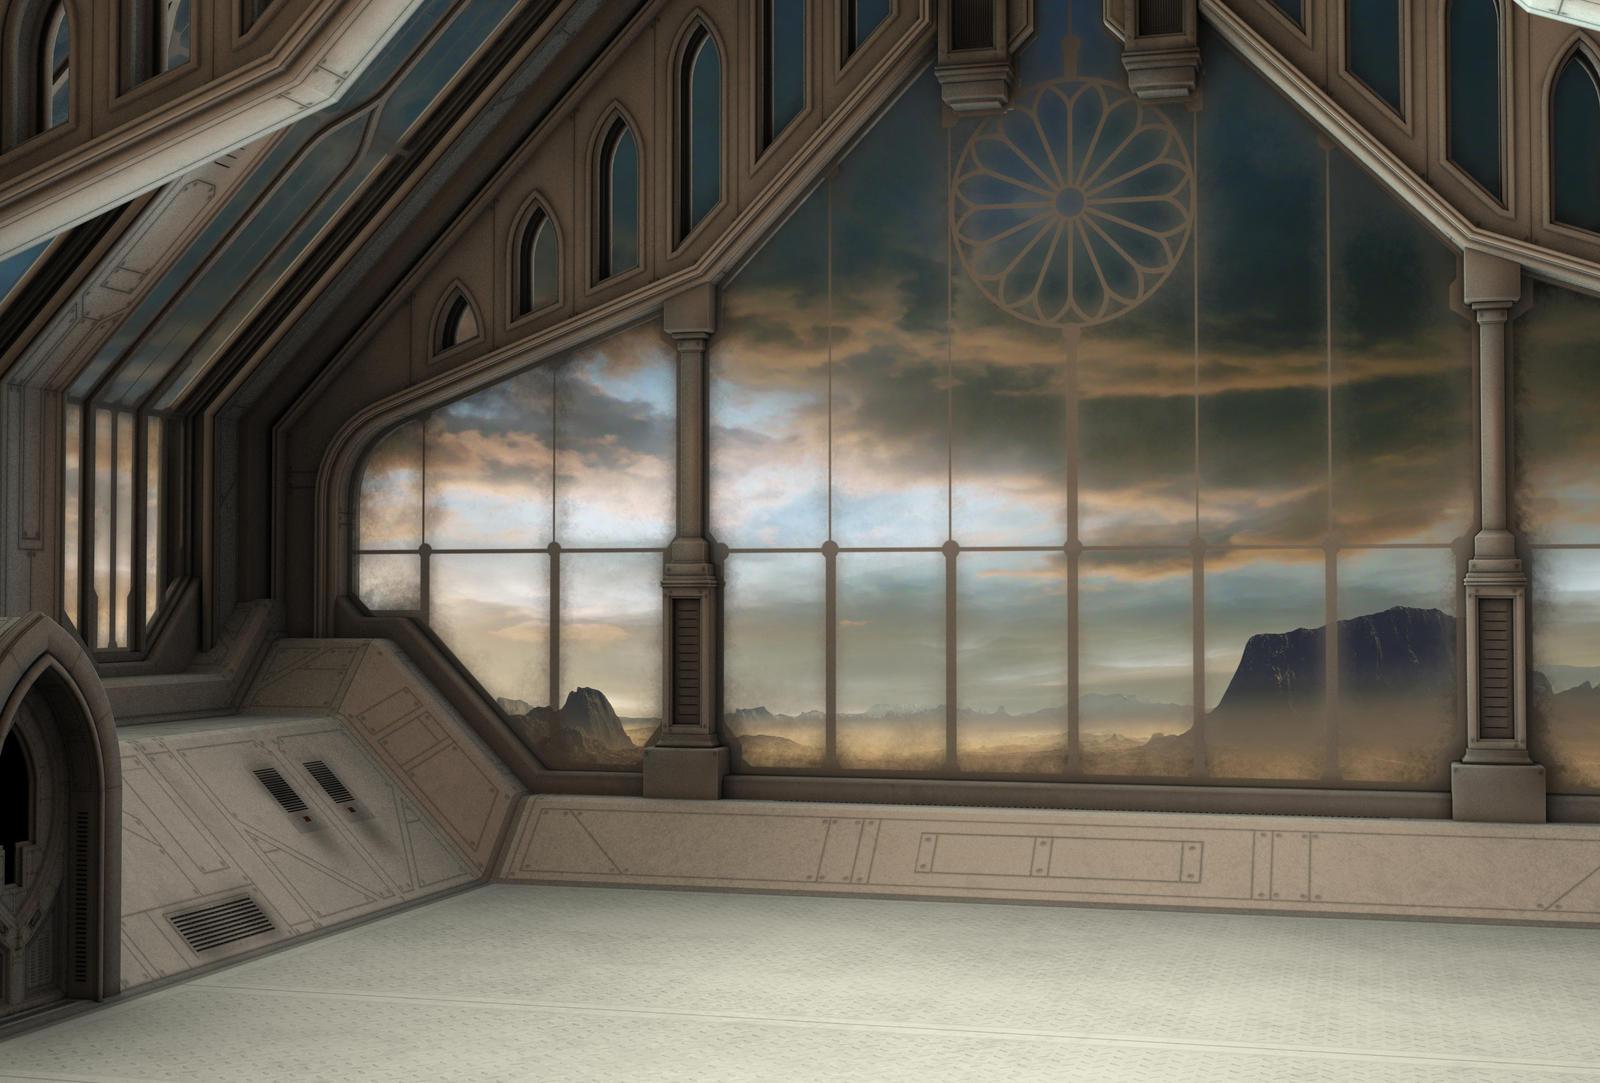 Spaceship background